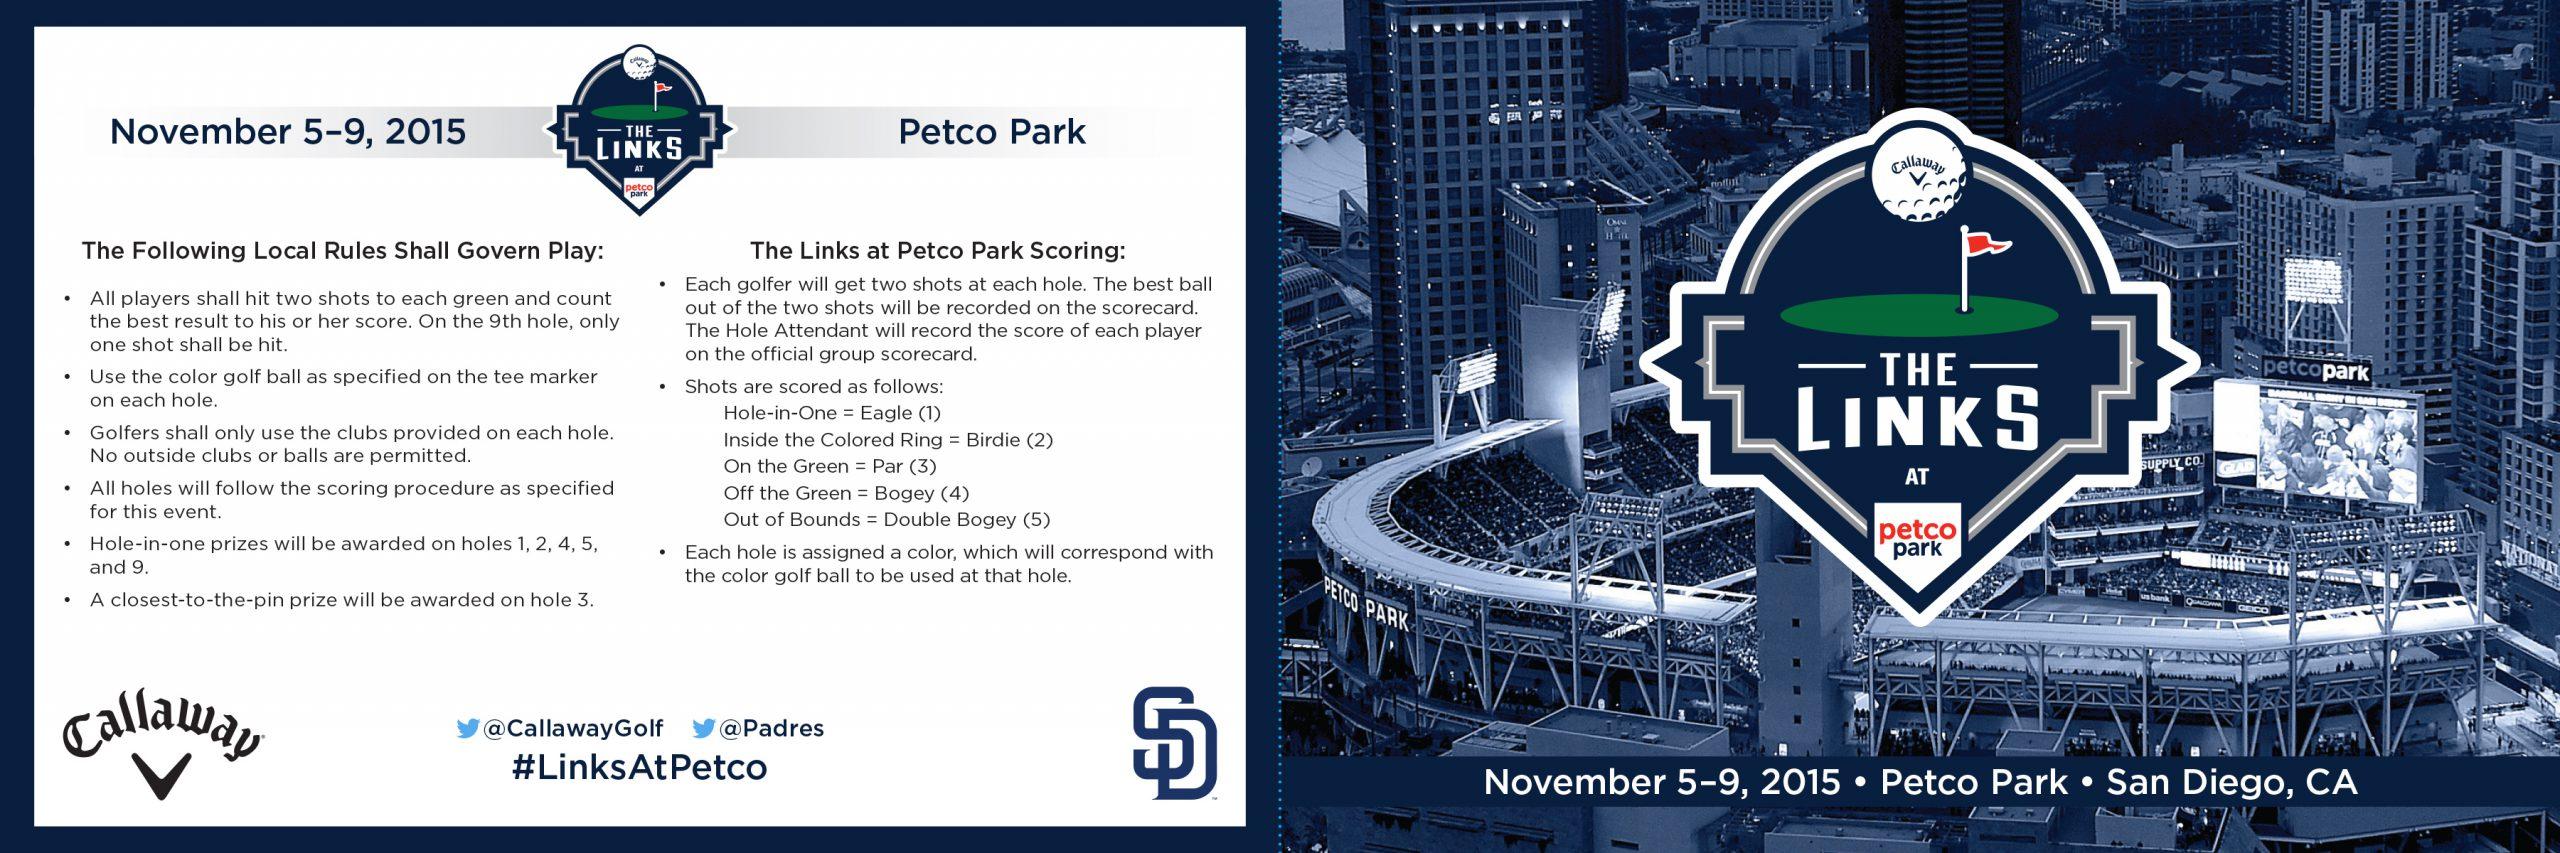 15-11-04 - Petco Story 03